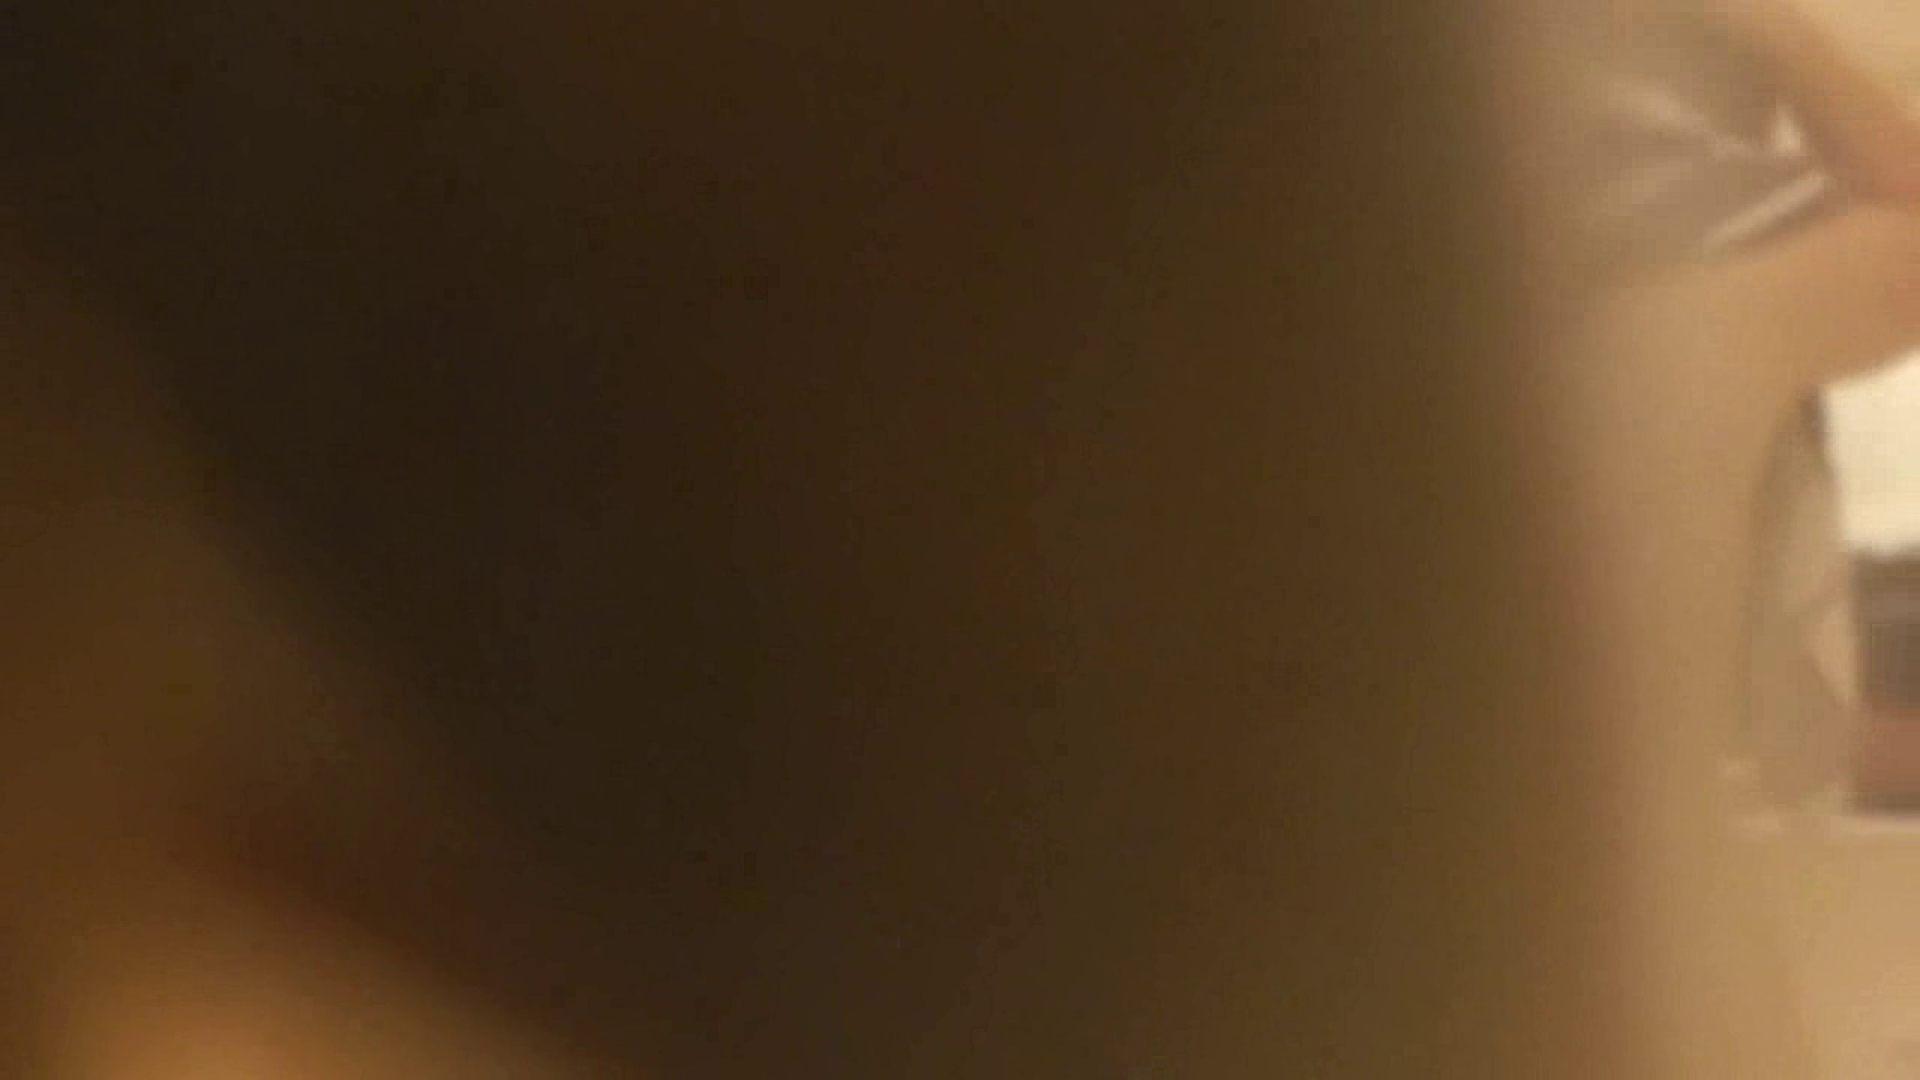 vol.1 Mayumi 窓越しに入浴シーン撮影に成功 いやらしいOL | 0  60連発 40